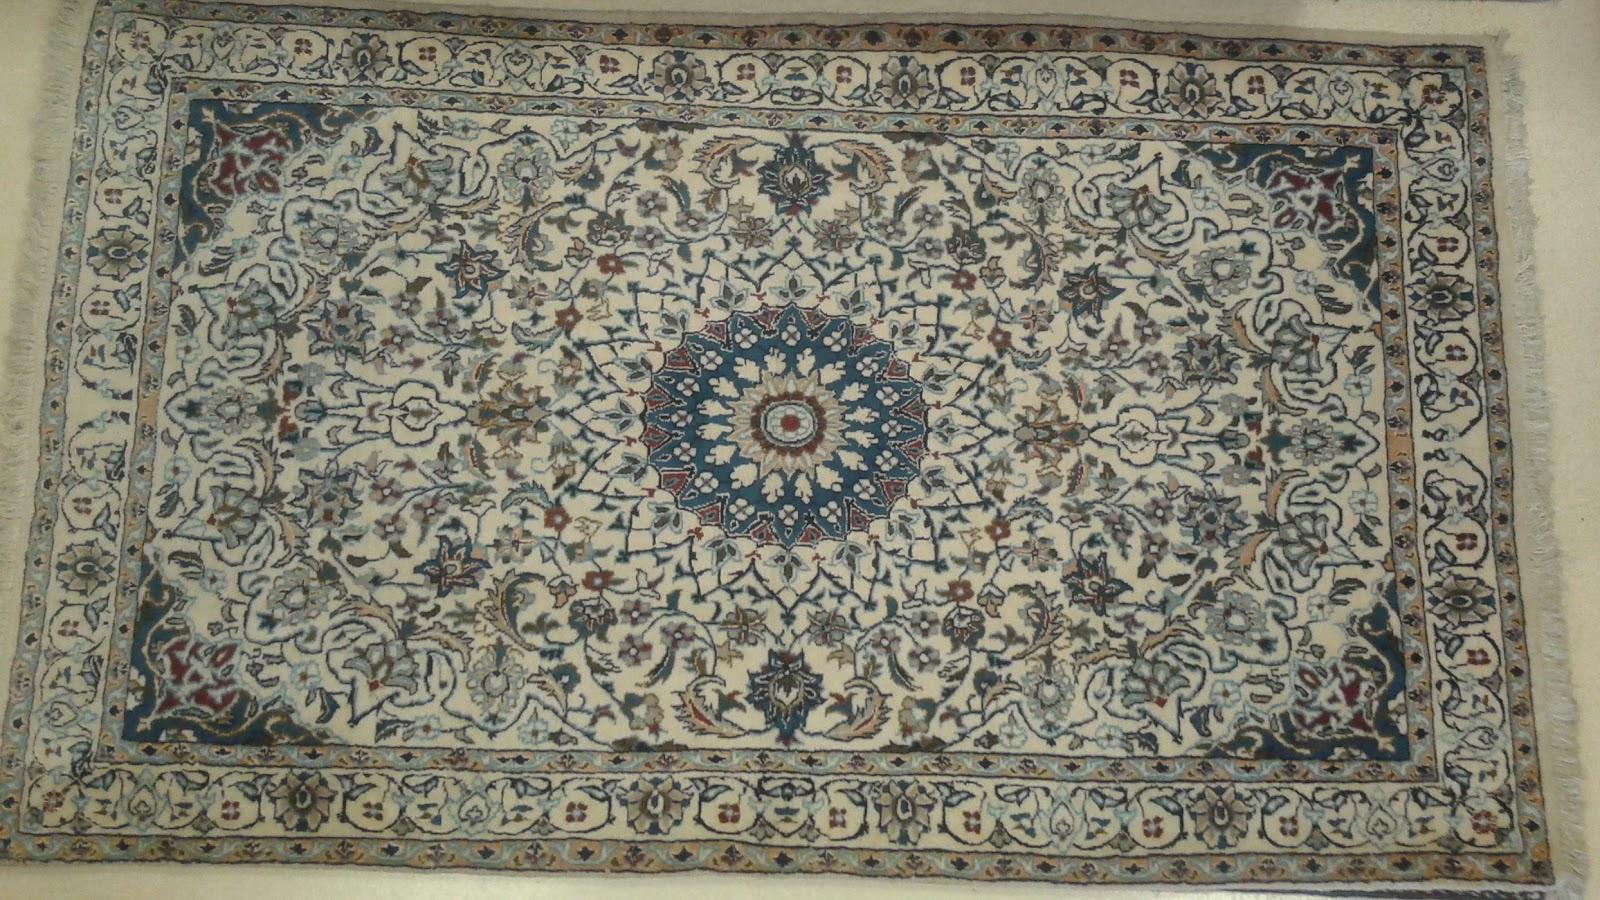 Yuca telas outlet alfombras persas de naim a precios de for Precio de alfombras